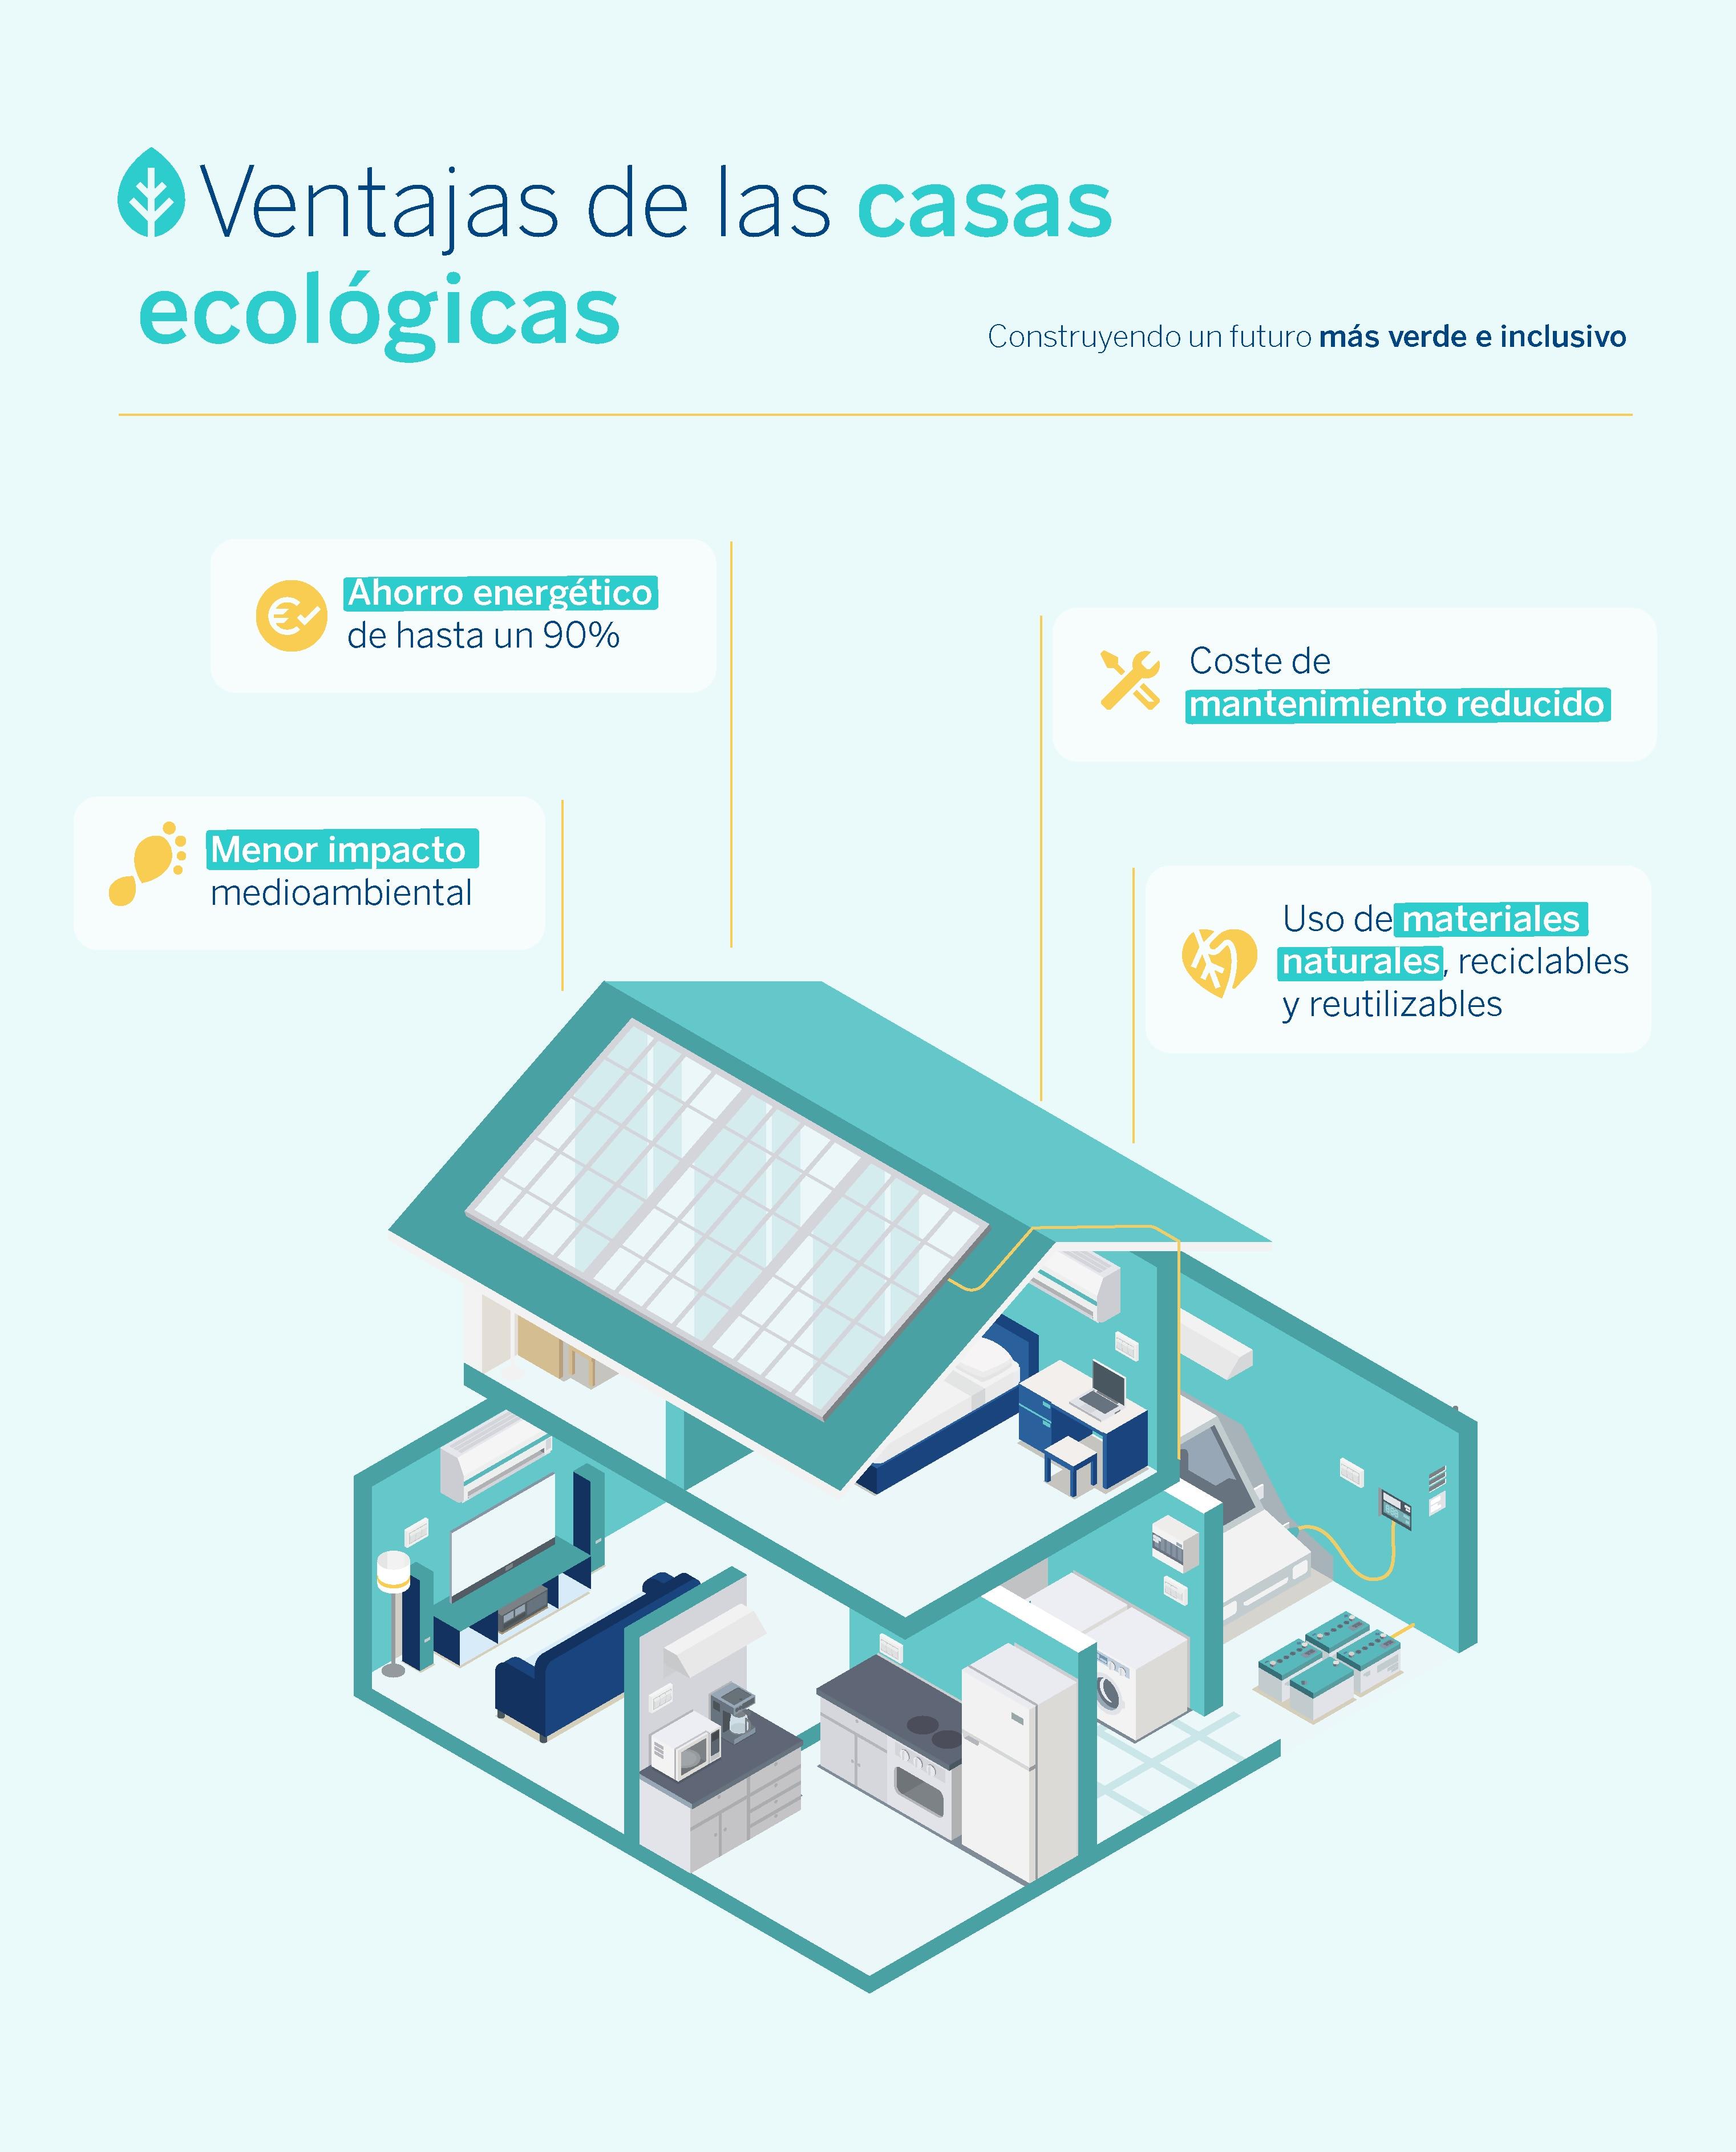 ventajas-casas ecologicas-sostenibilidad-bbva